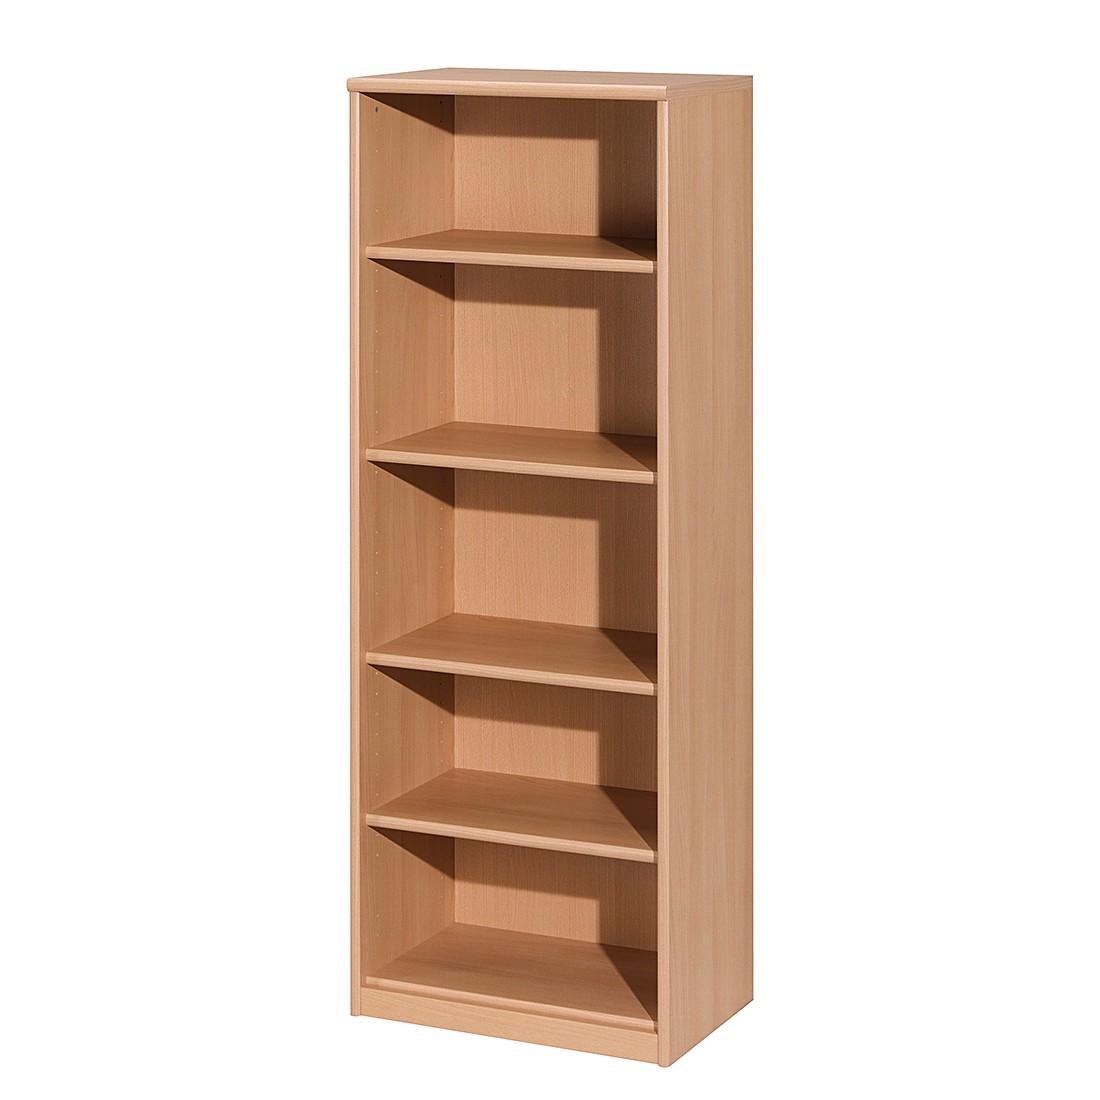 Open kast Soft Plus I - beukenhoutkleurig - vakken: 5 - 148cm, Cs Schmal